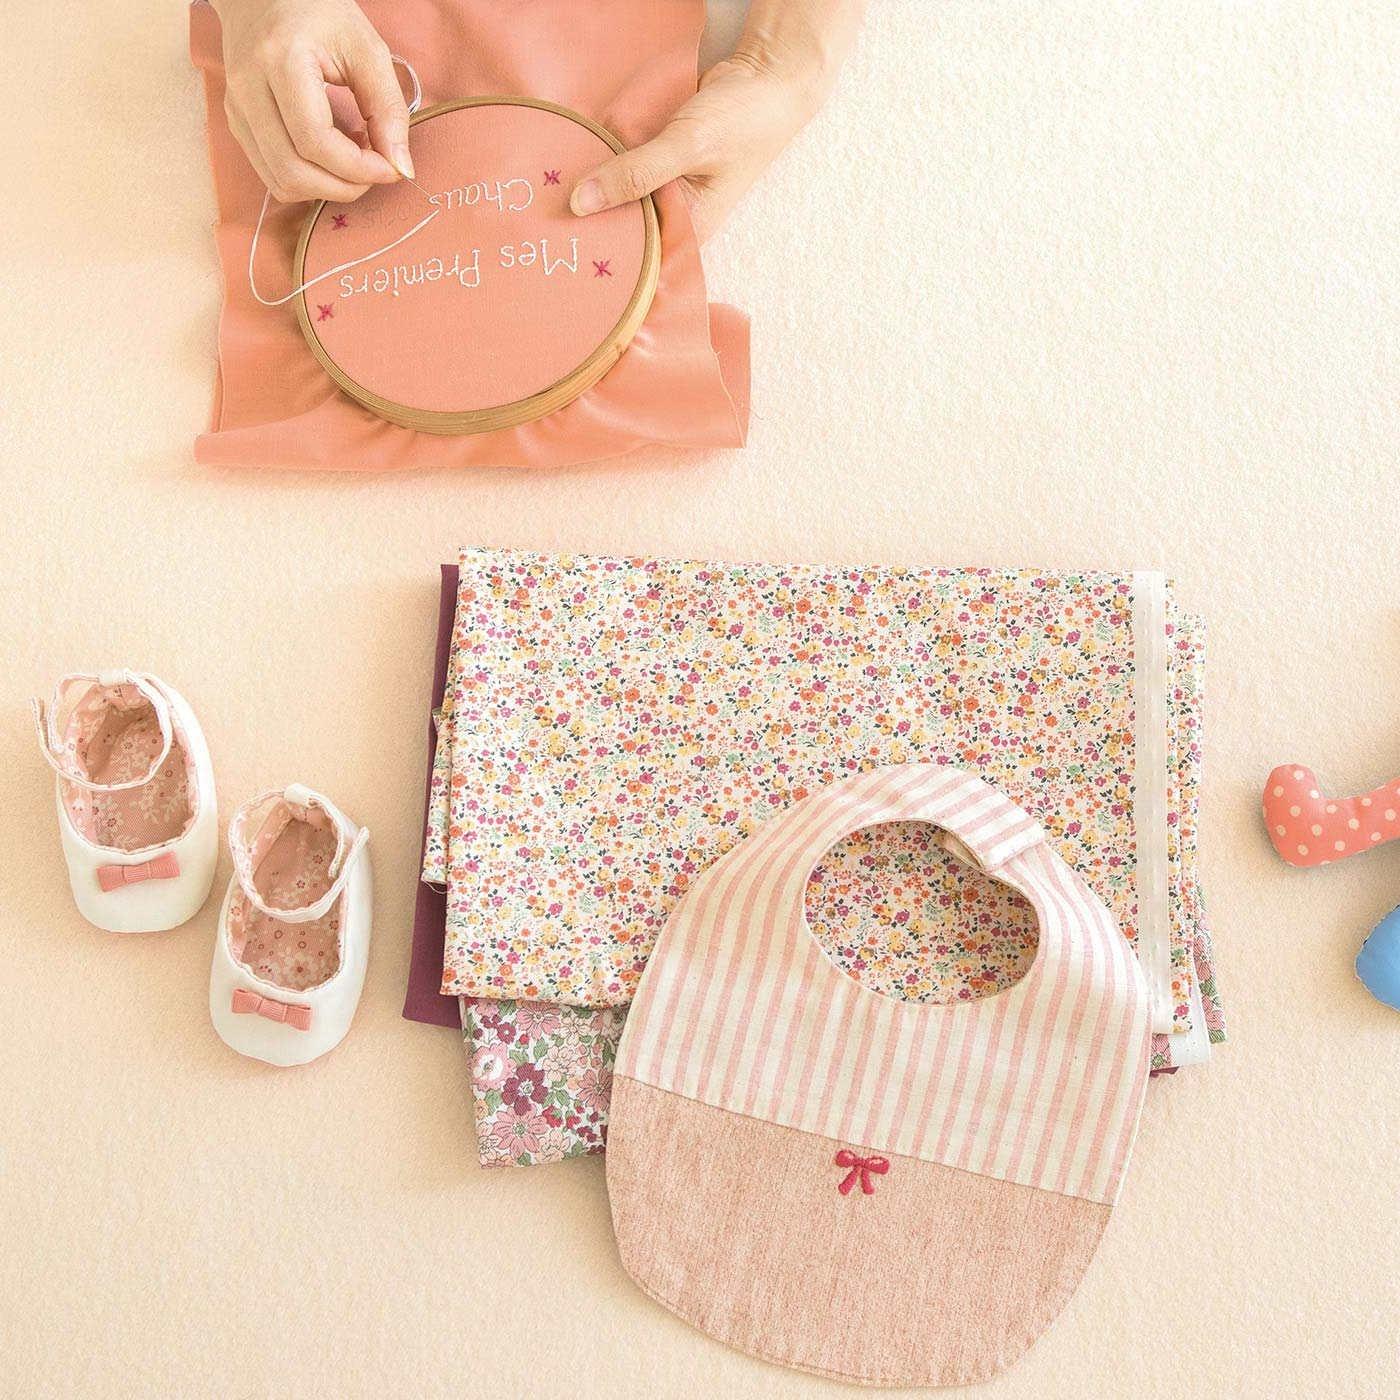 わが子に最初のプレゼント ベビー小物〈ピンク〉「はじめてさんのきほんのき」レッスン